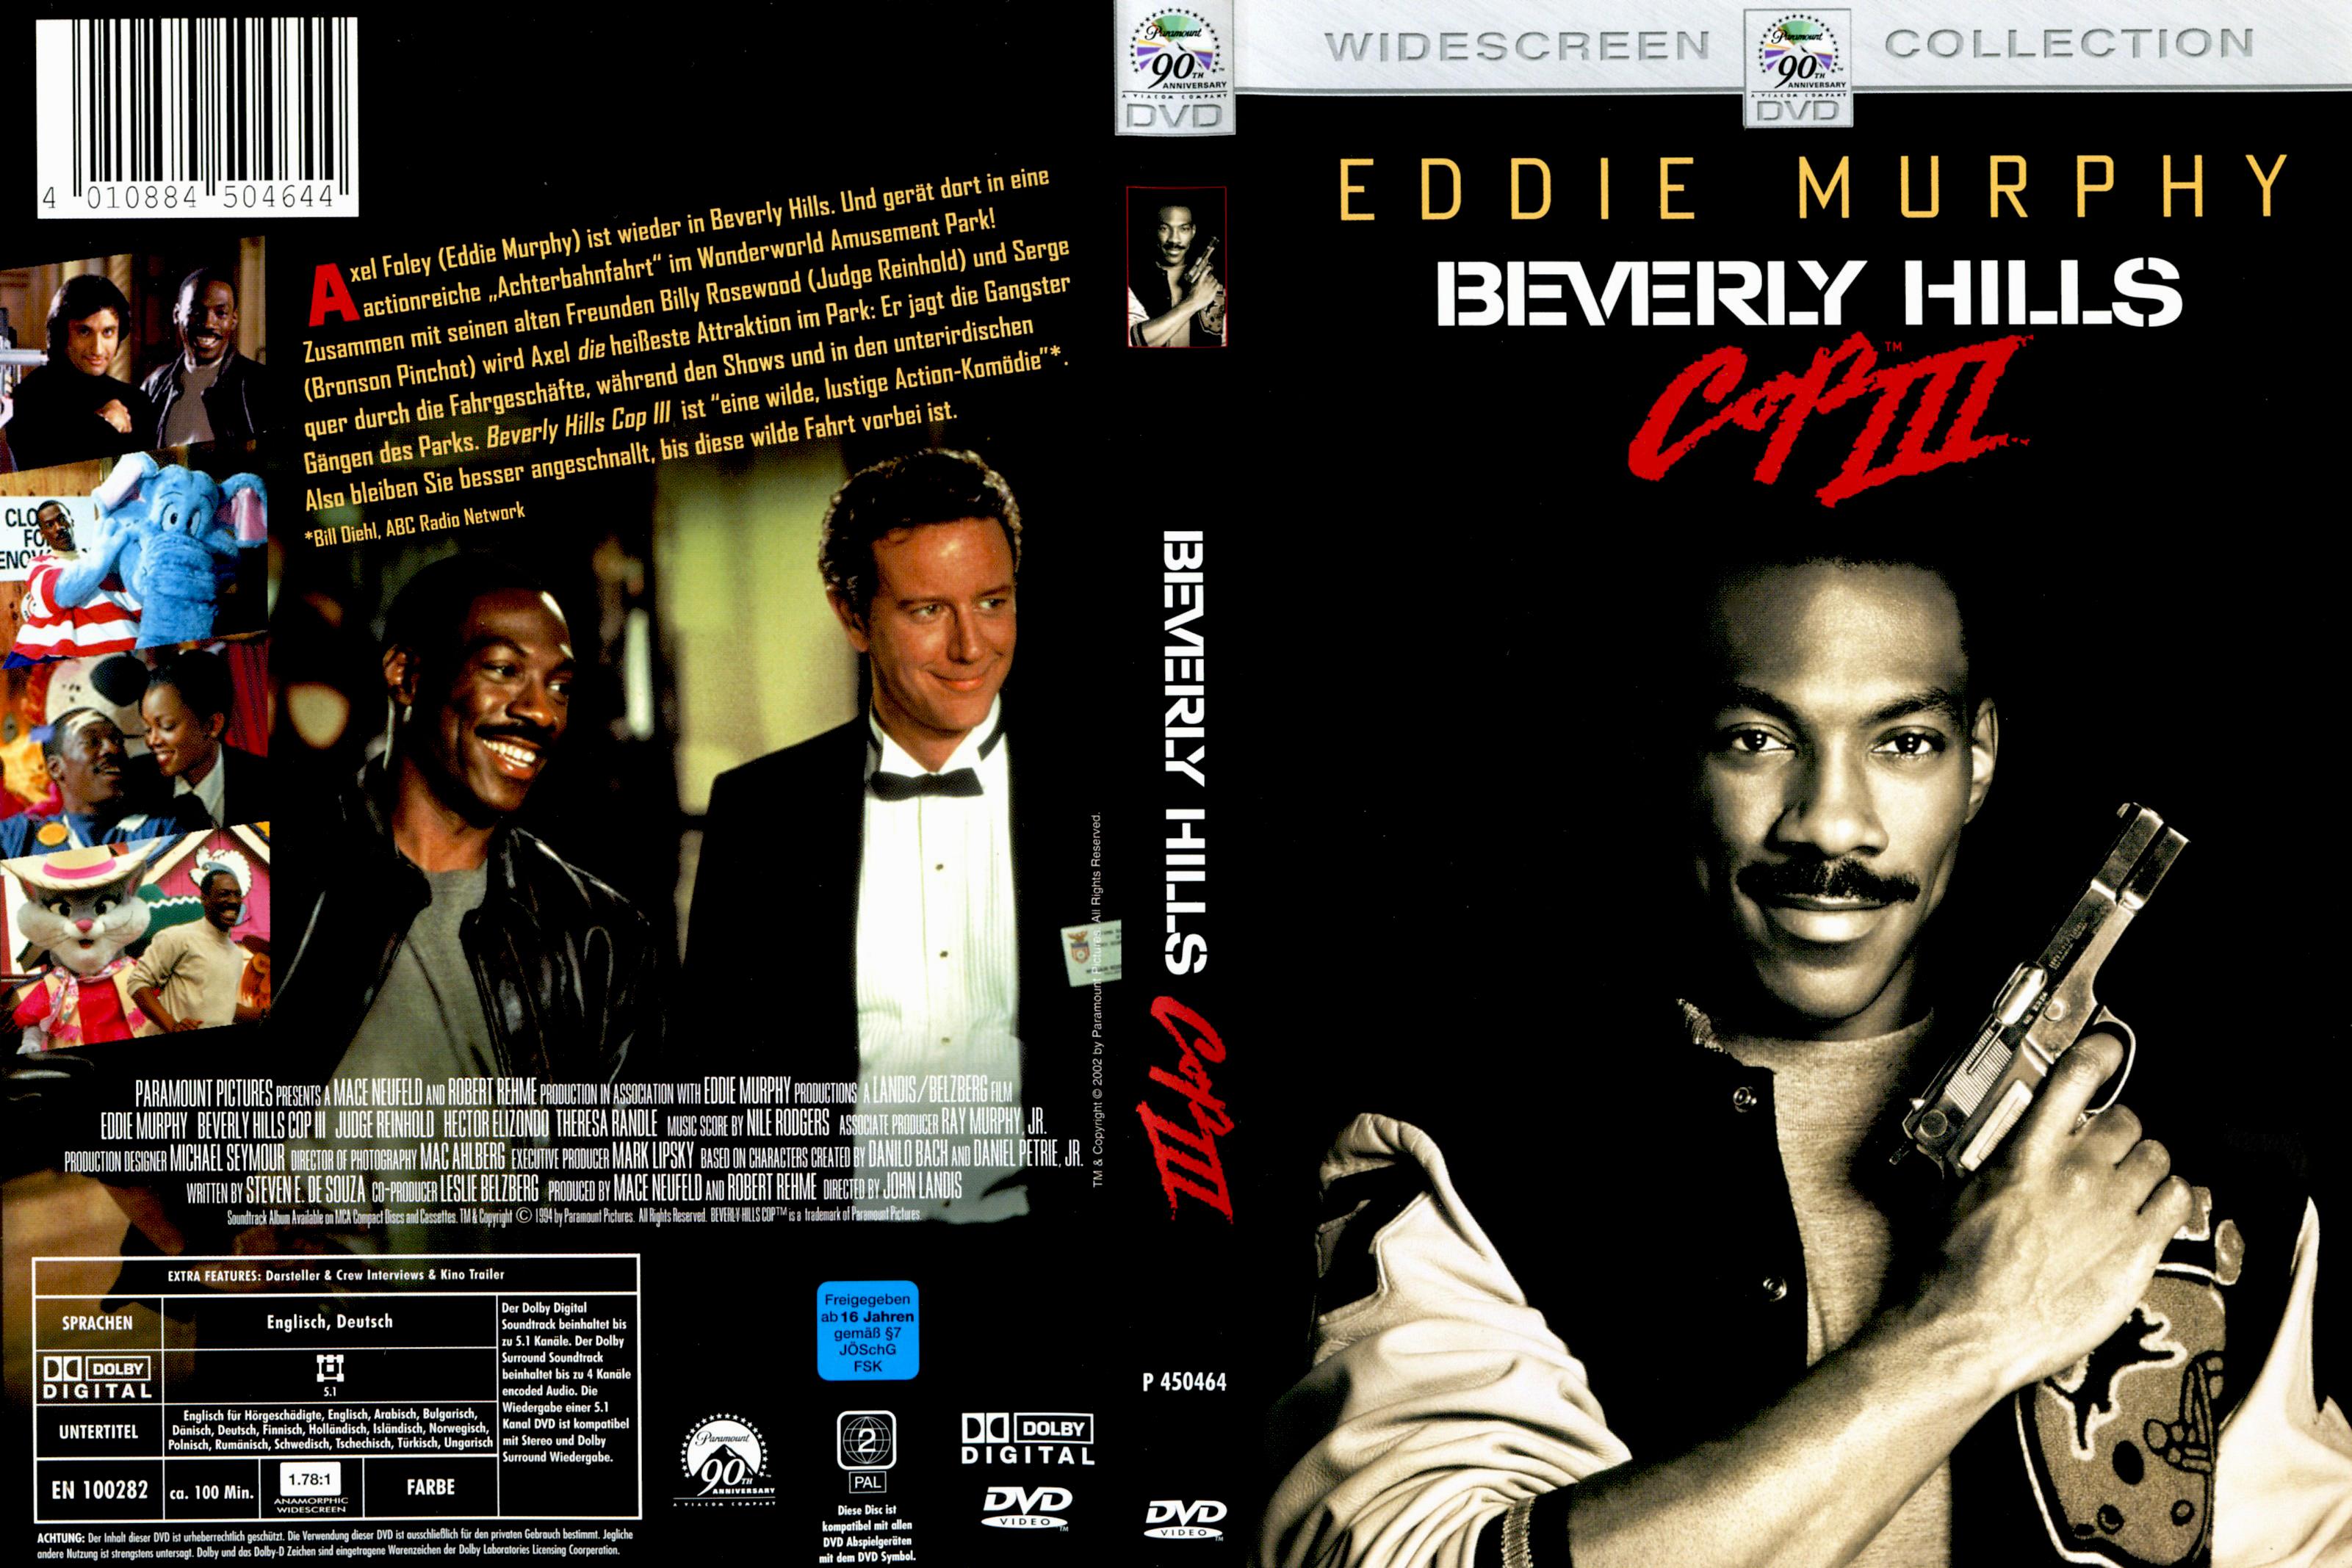 Beverly Hills Cop III #10